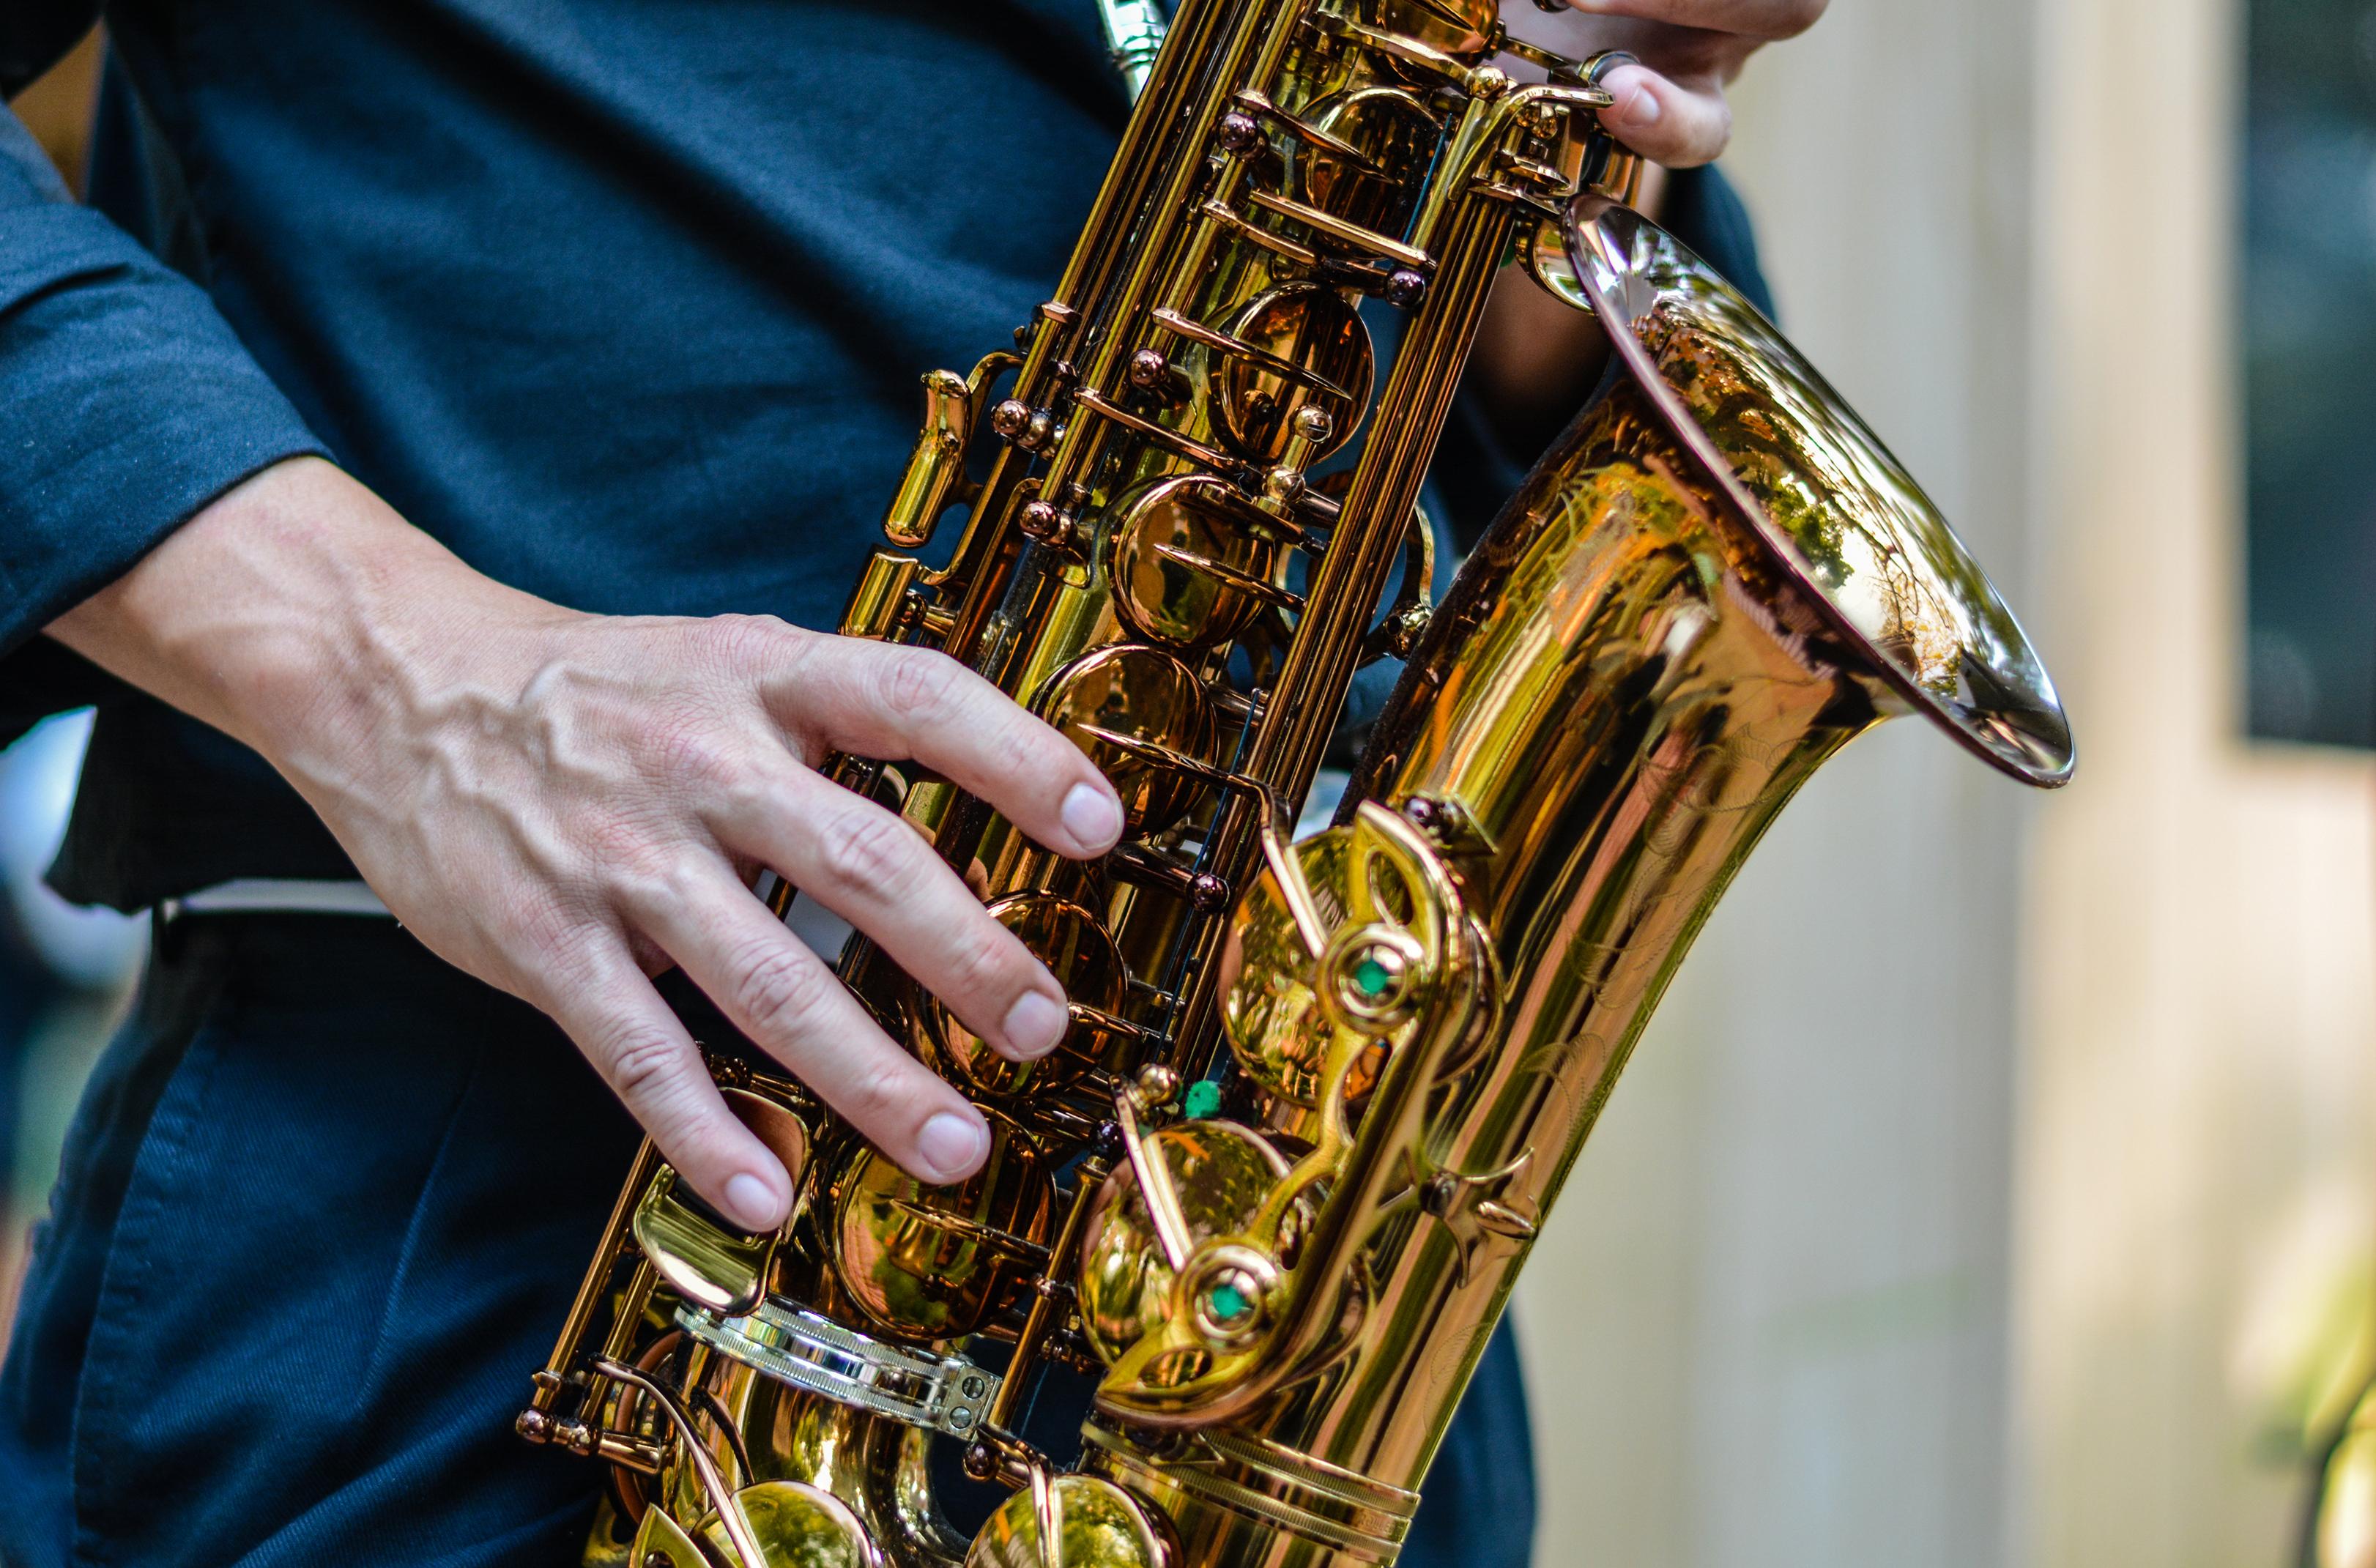 內地一名音樂老師示範吹奏薩士風時發現口角漏風,突然出現右面麻痺問題。